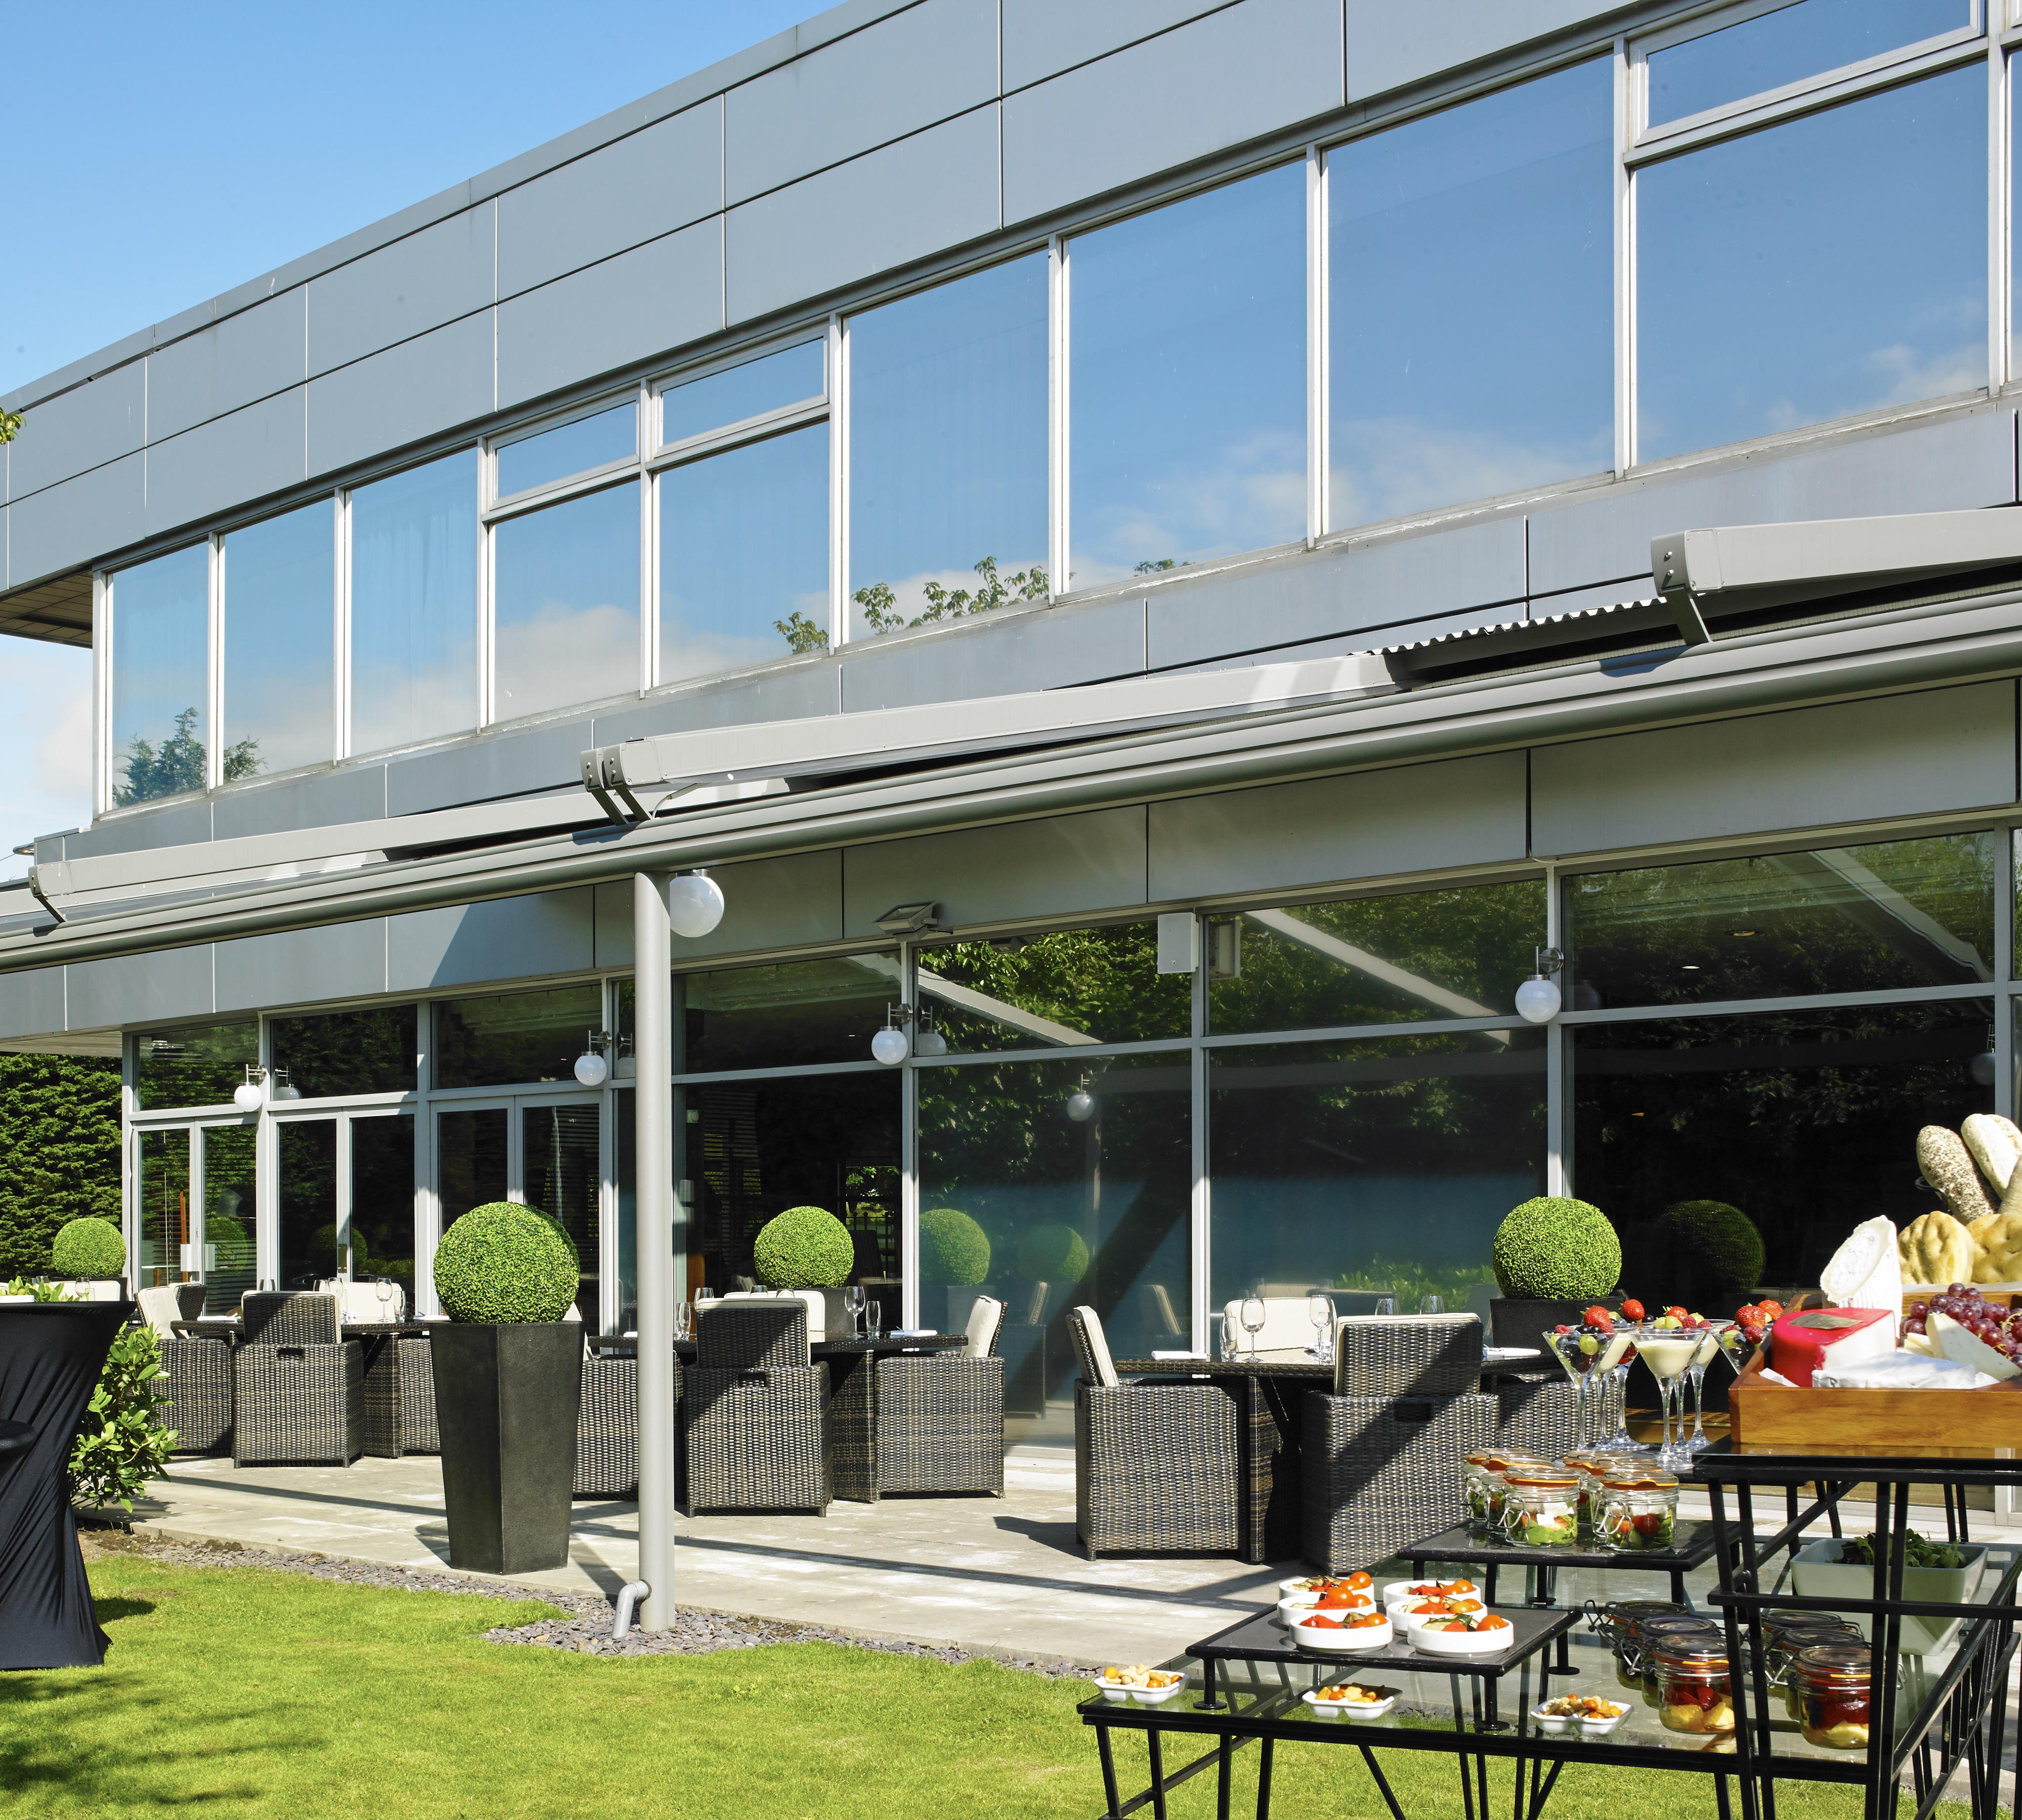 Edinburgh Marriott Hotel Summer Party EH1 outdoor patio of venue